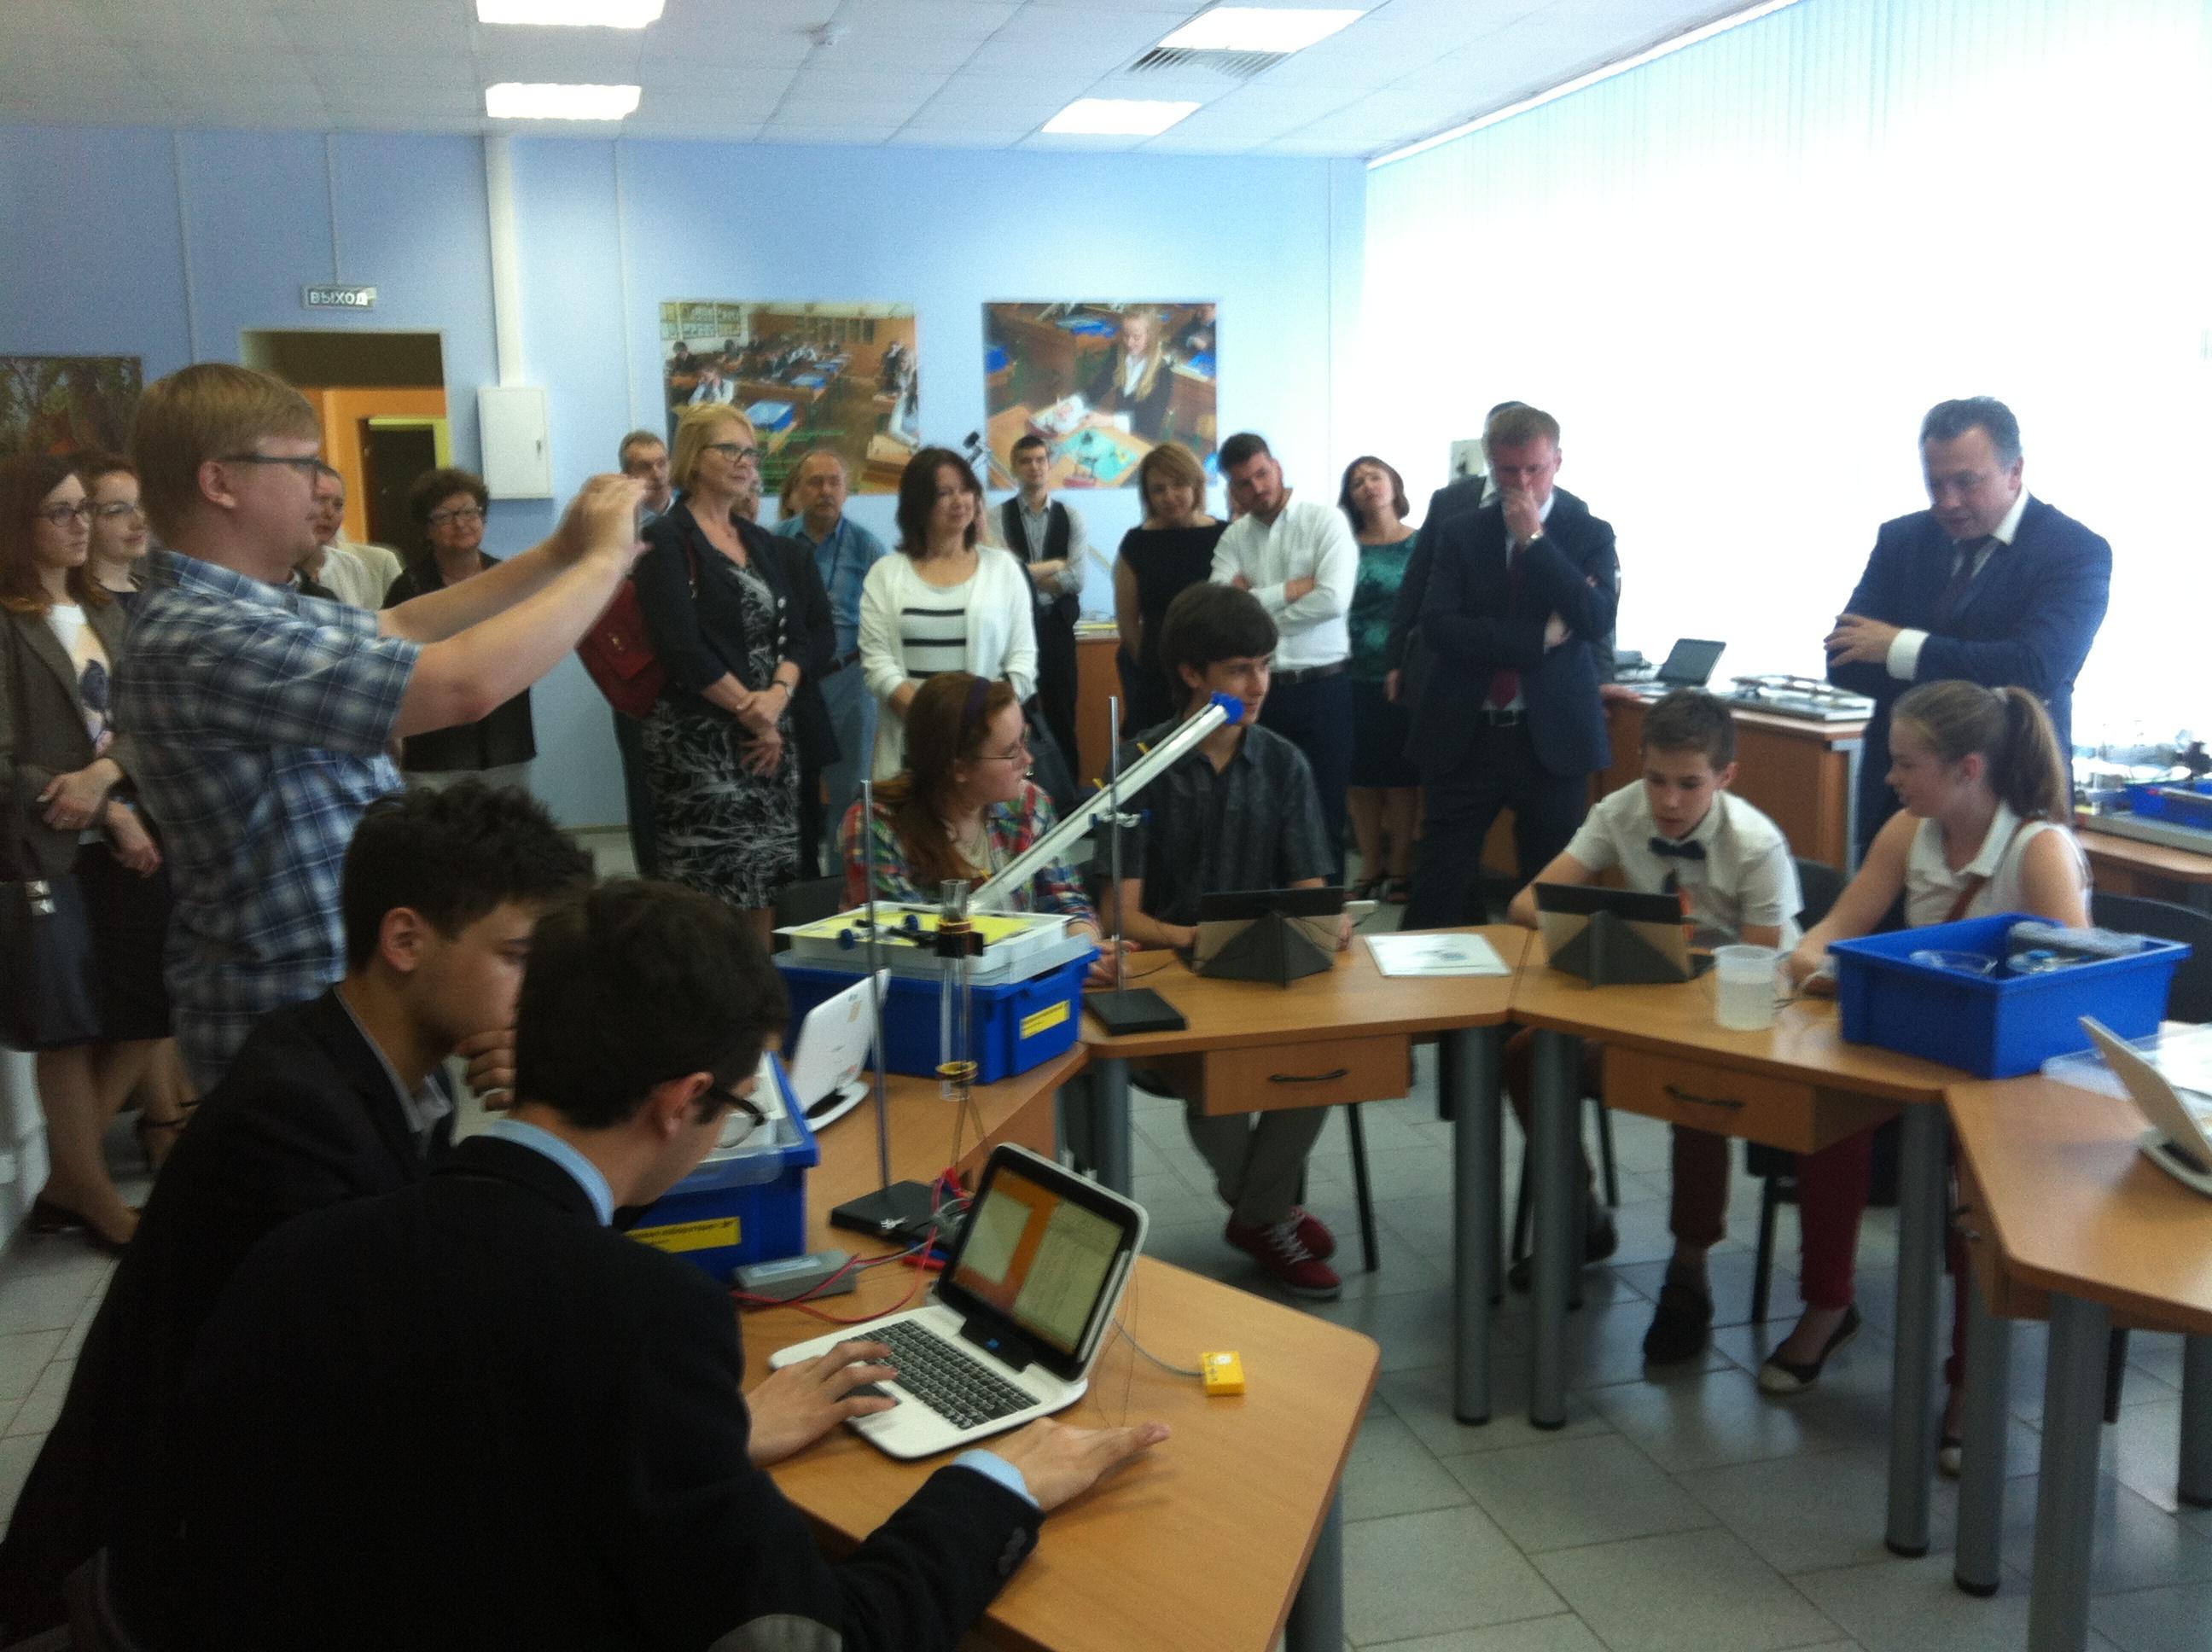 Заместитель министра Минобраинауки России Е.Ш. Каганов на мастер-классе